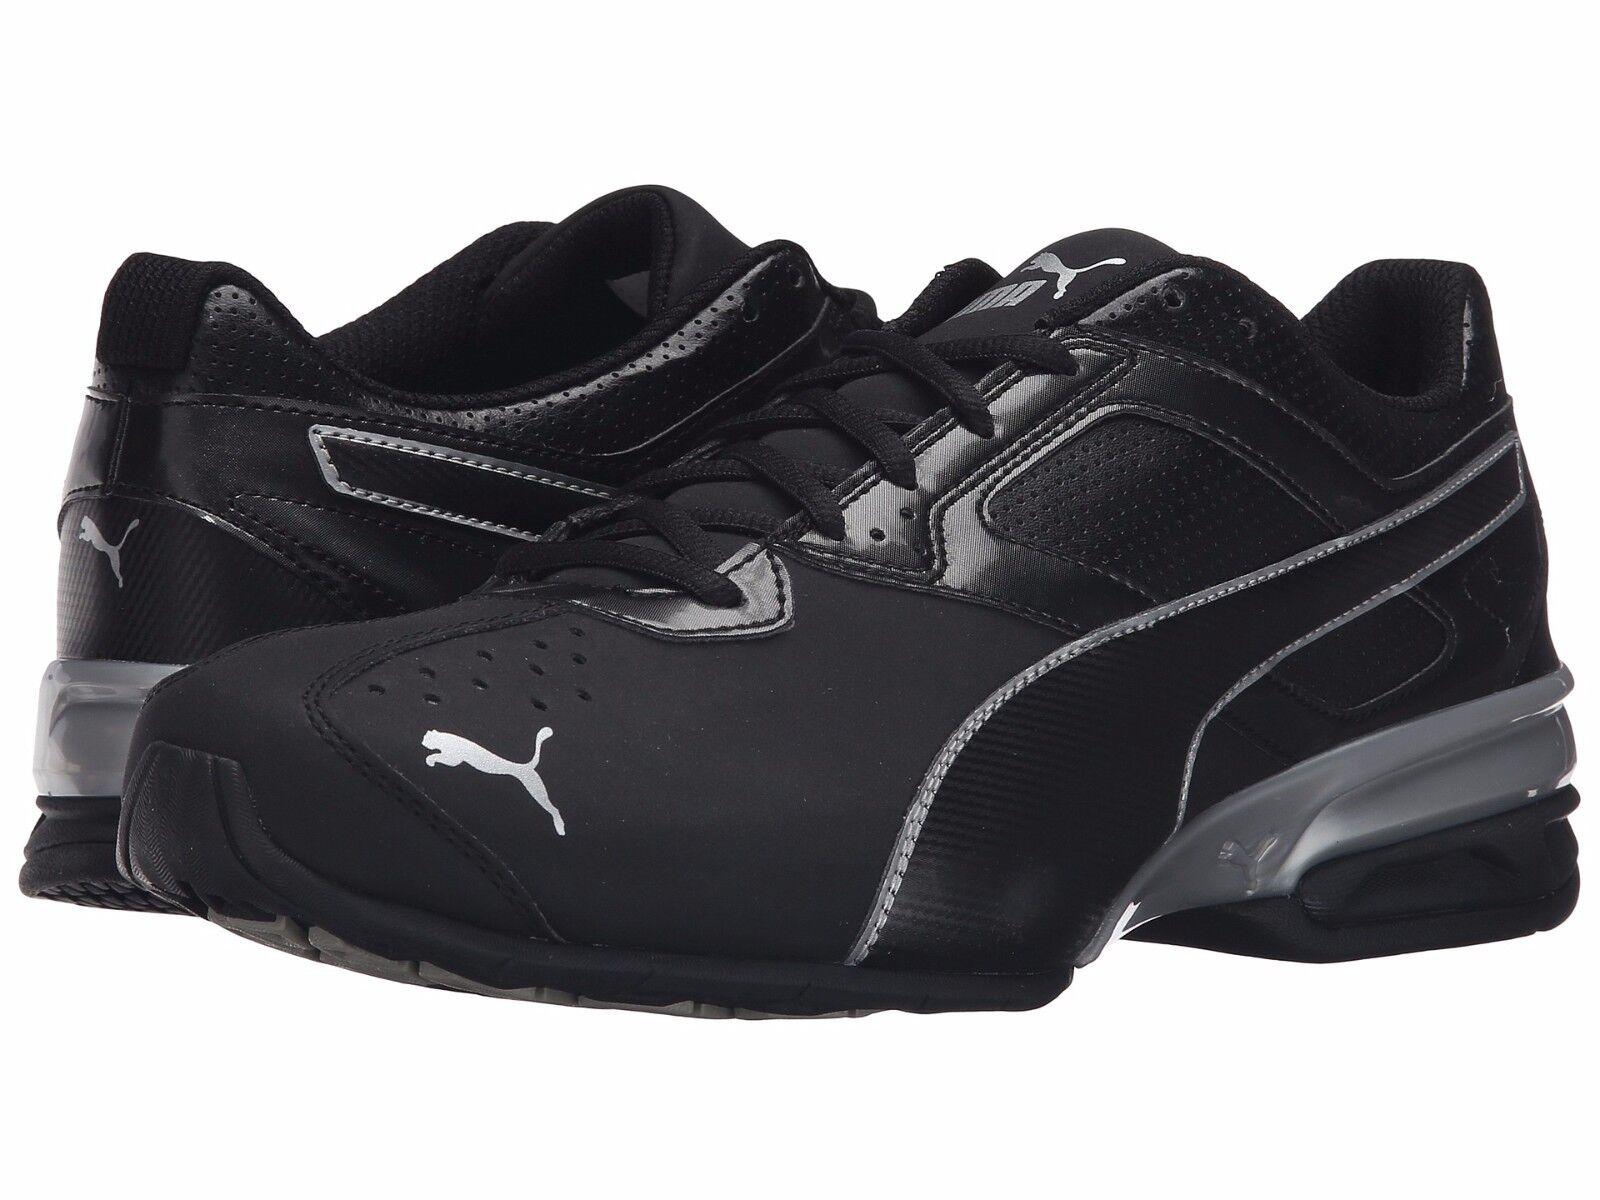 NWT hommes Puma Tazon FM 6 Medium & Wide Chaussures Voltaic Surin Reverb noir Cell